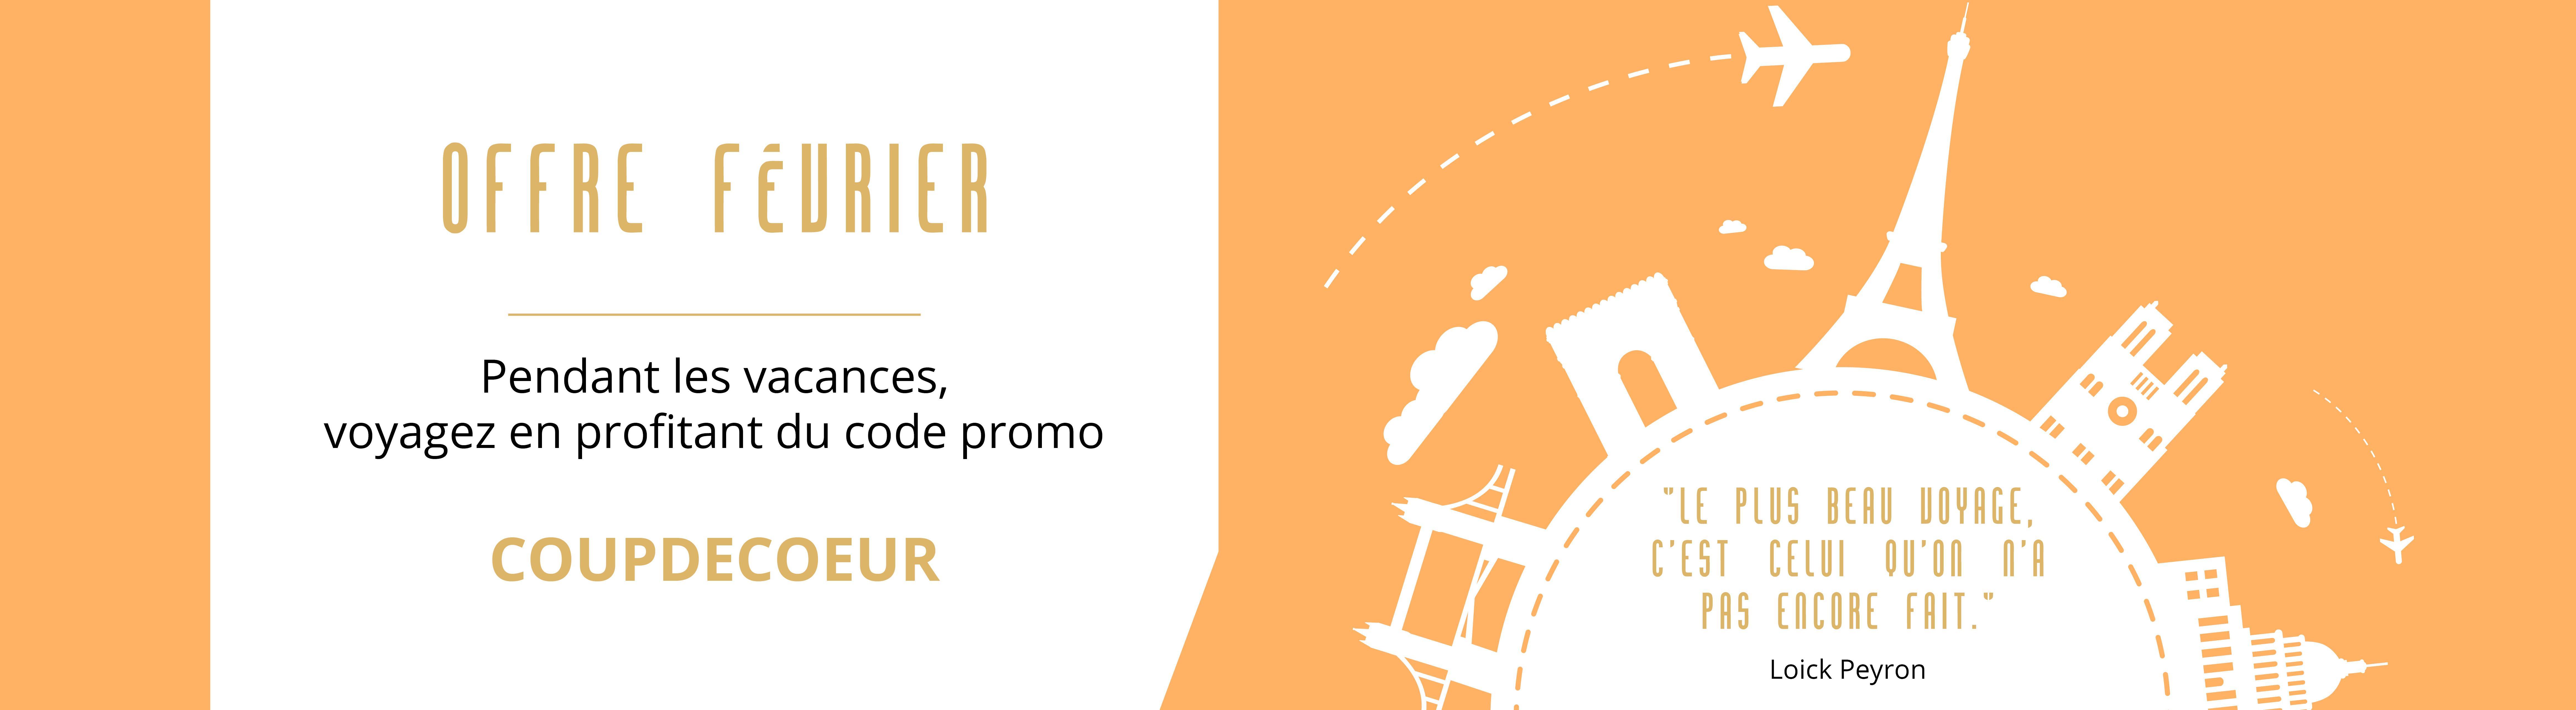 Promo Février - Slider-VF coupdecoeur.jpg